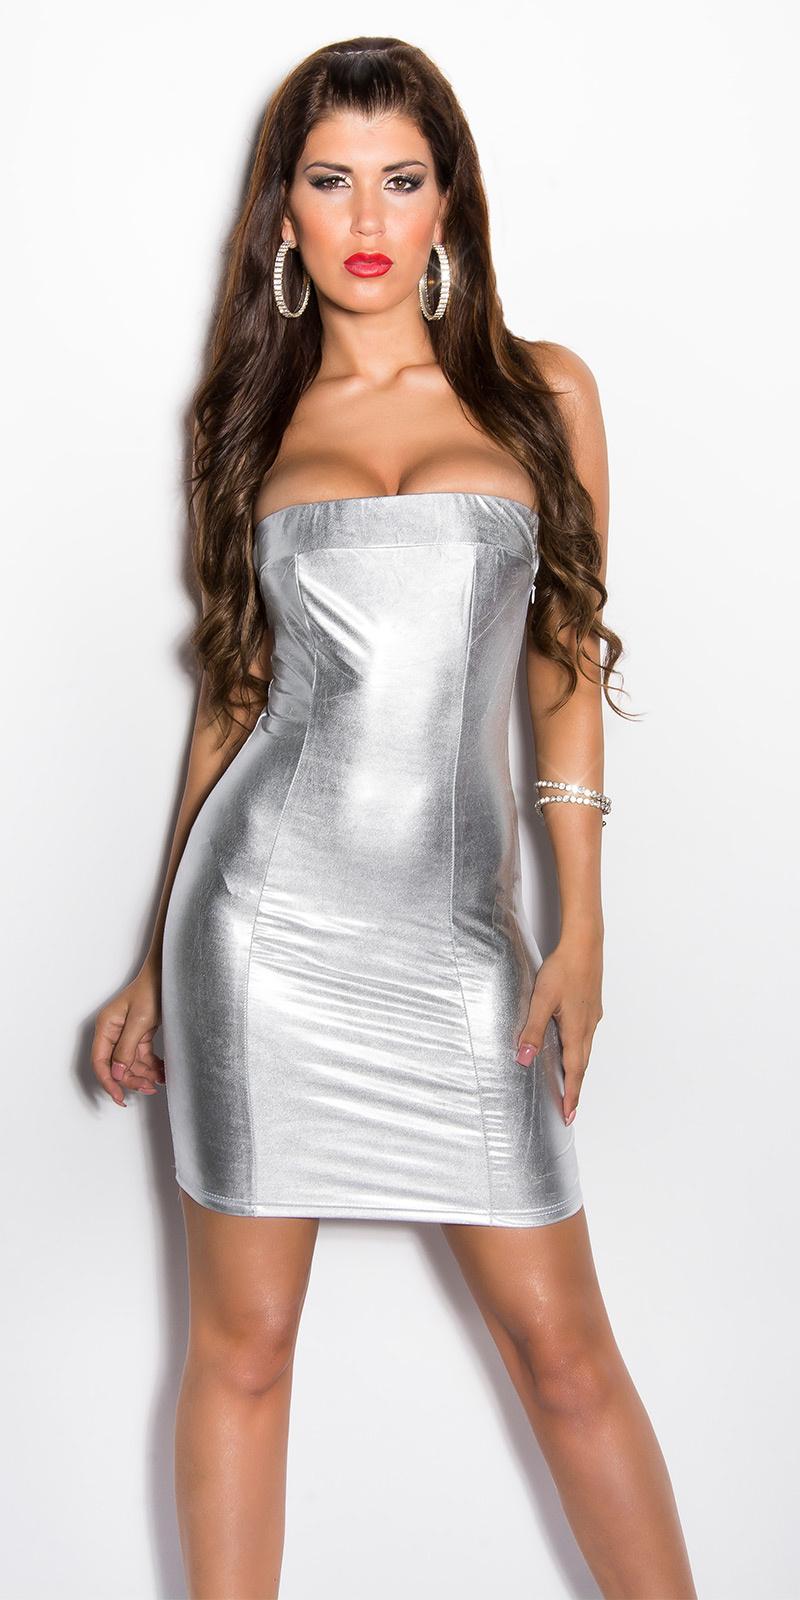 Gogo-bandeau-mini-jurkje zilver